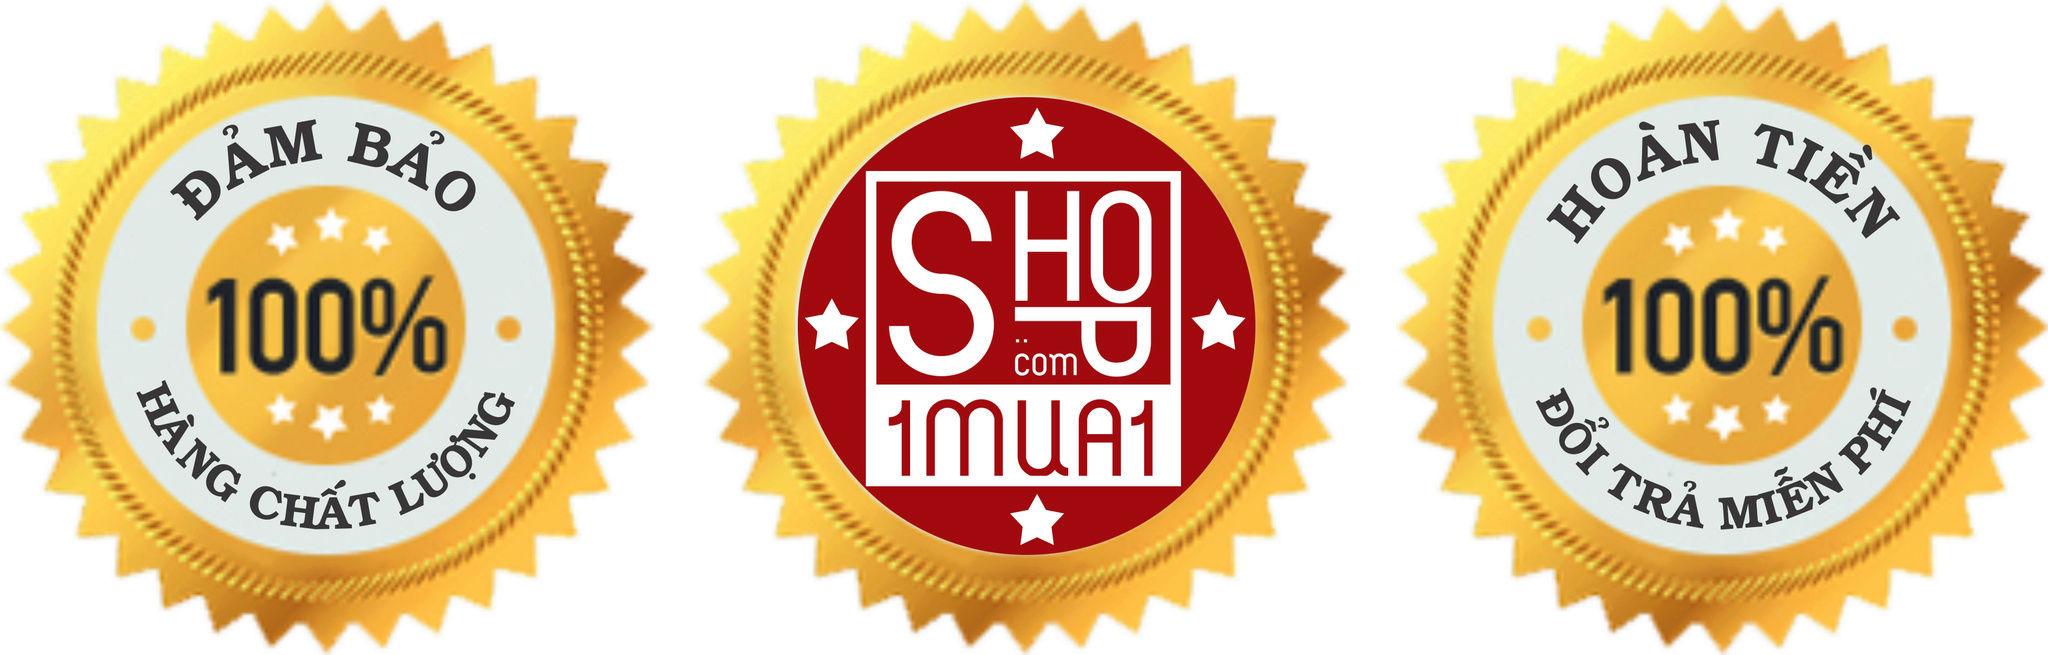 Cam kết chất lượng bởi 1mua1.com